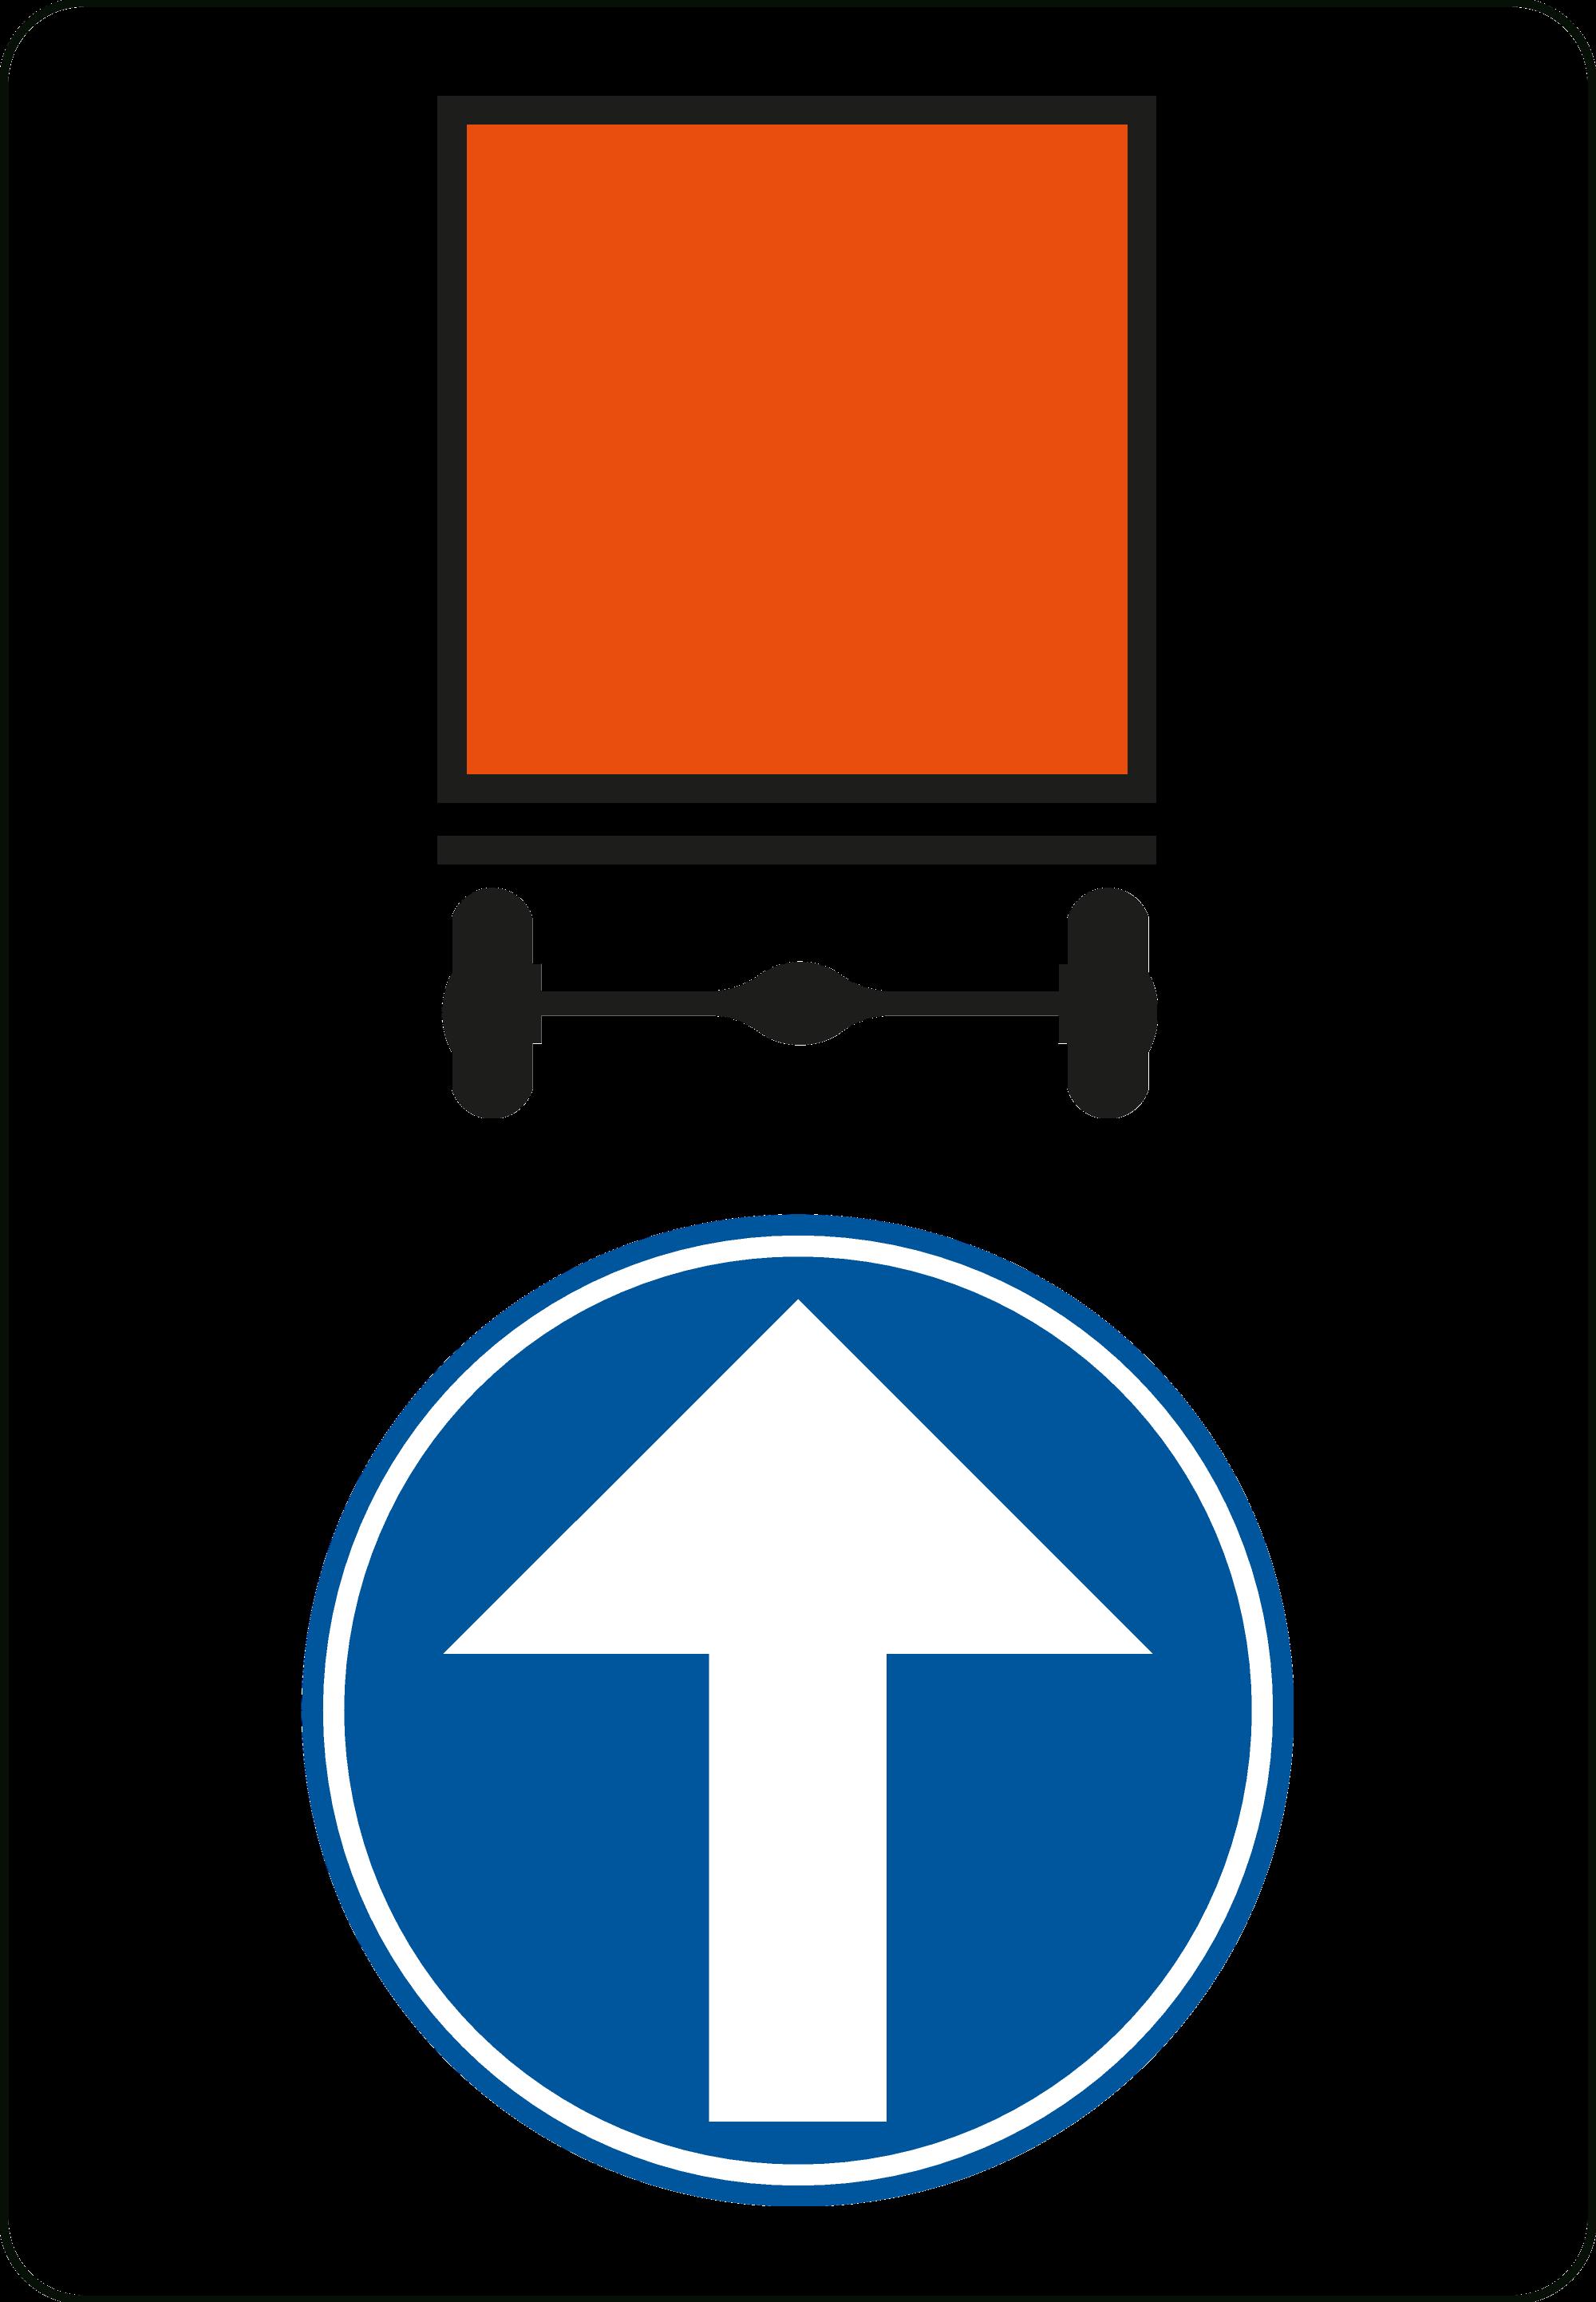 Signface - D4 rechtdoor - klasse  I - 600/900 mm